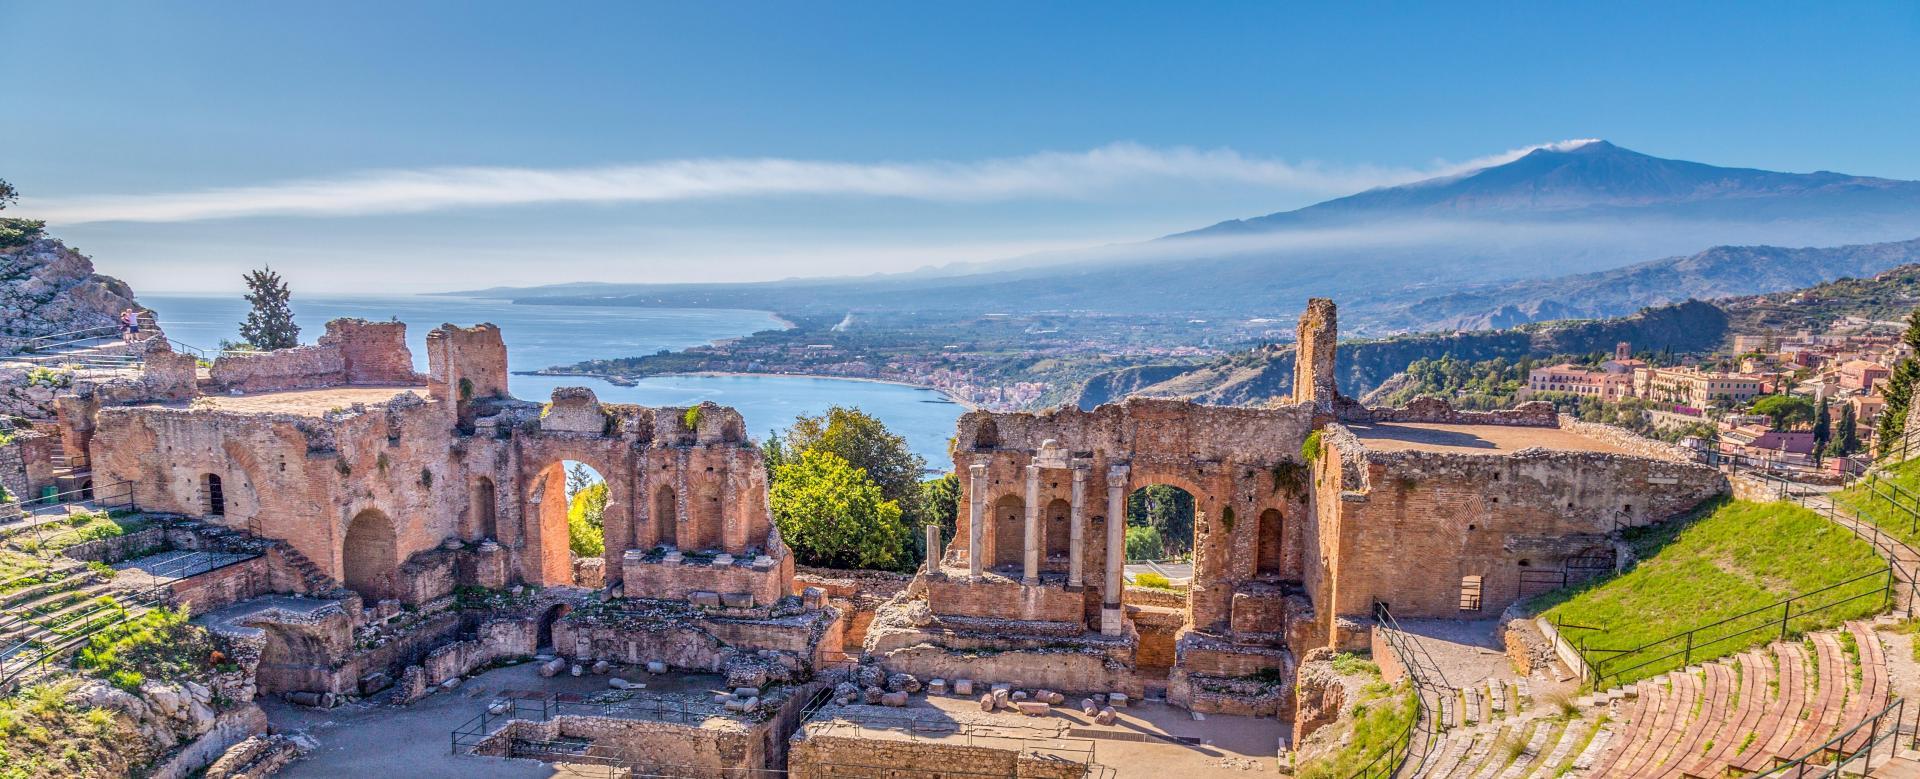 Voyage à pied : Randonnée sicilienne